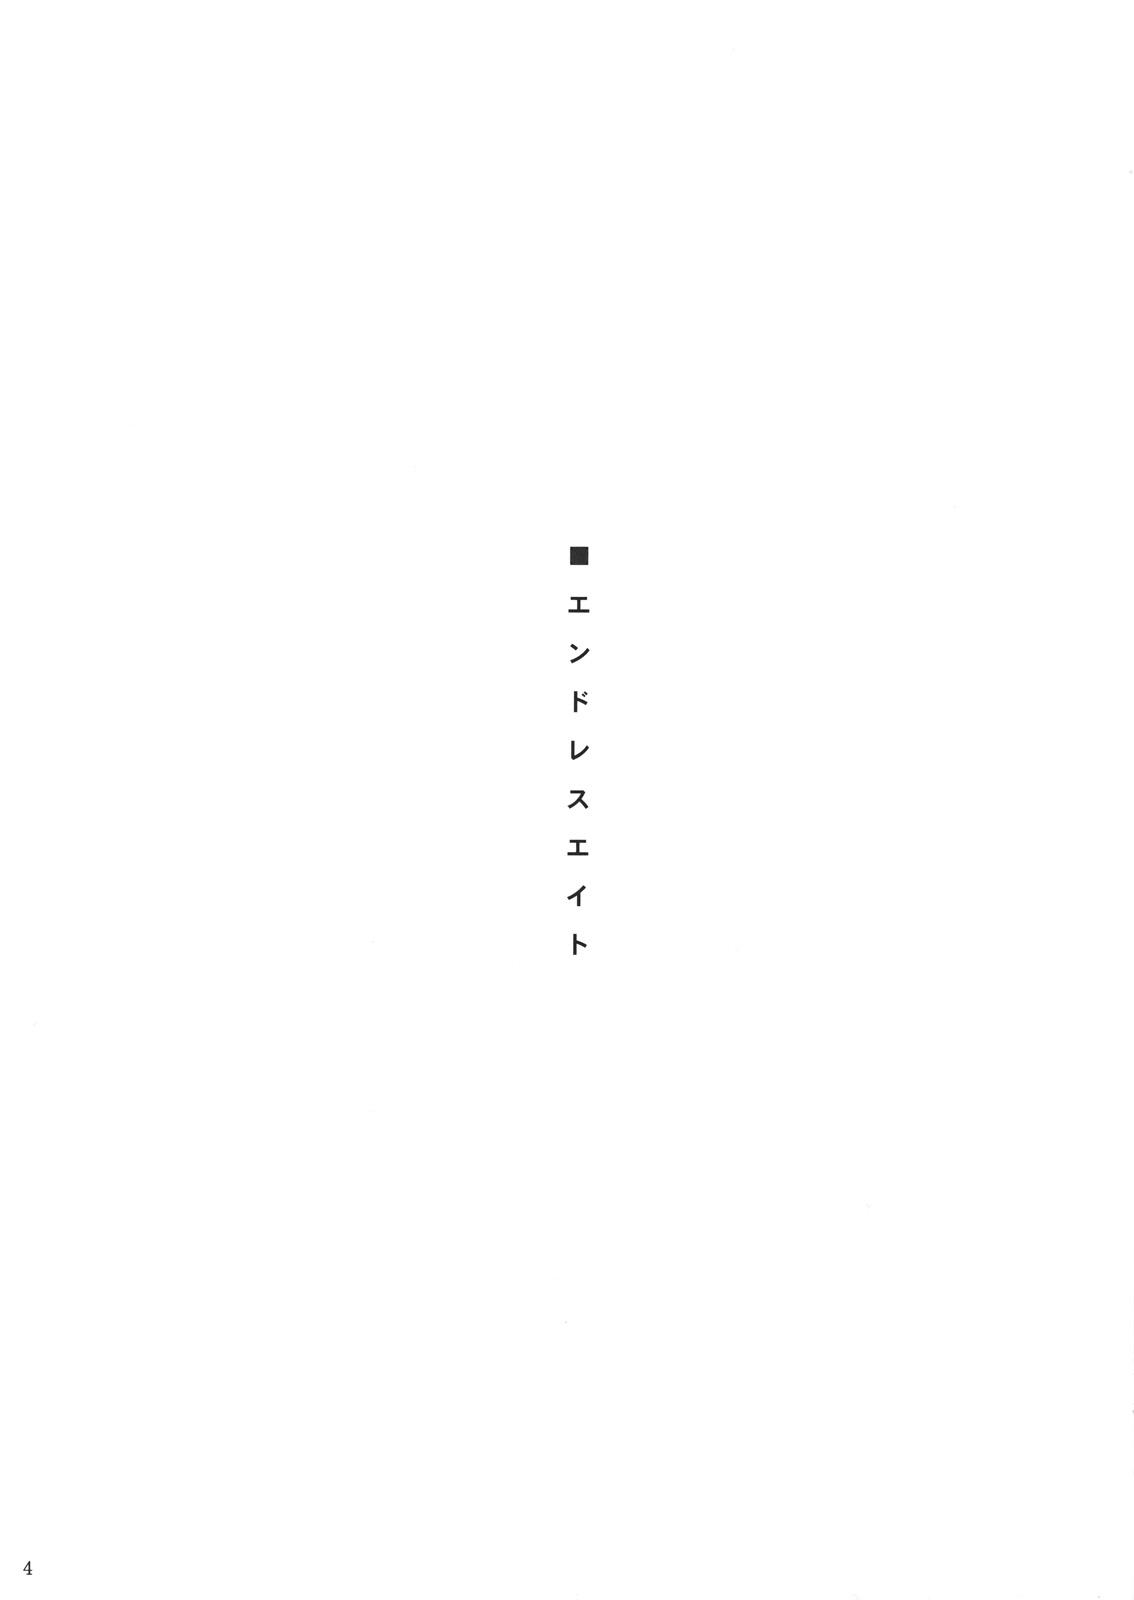 (C76) [Matsumoto Drill Kenkyuujo (Various)] 15513 Kaime no Nagato Yuki (Megane Nashi Ver) | The 15,513th Yuki Nagato (Suzumiya Haruhi no Yuuutsu) [English] [desudesu] 2